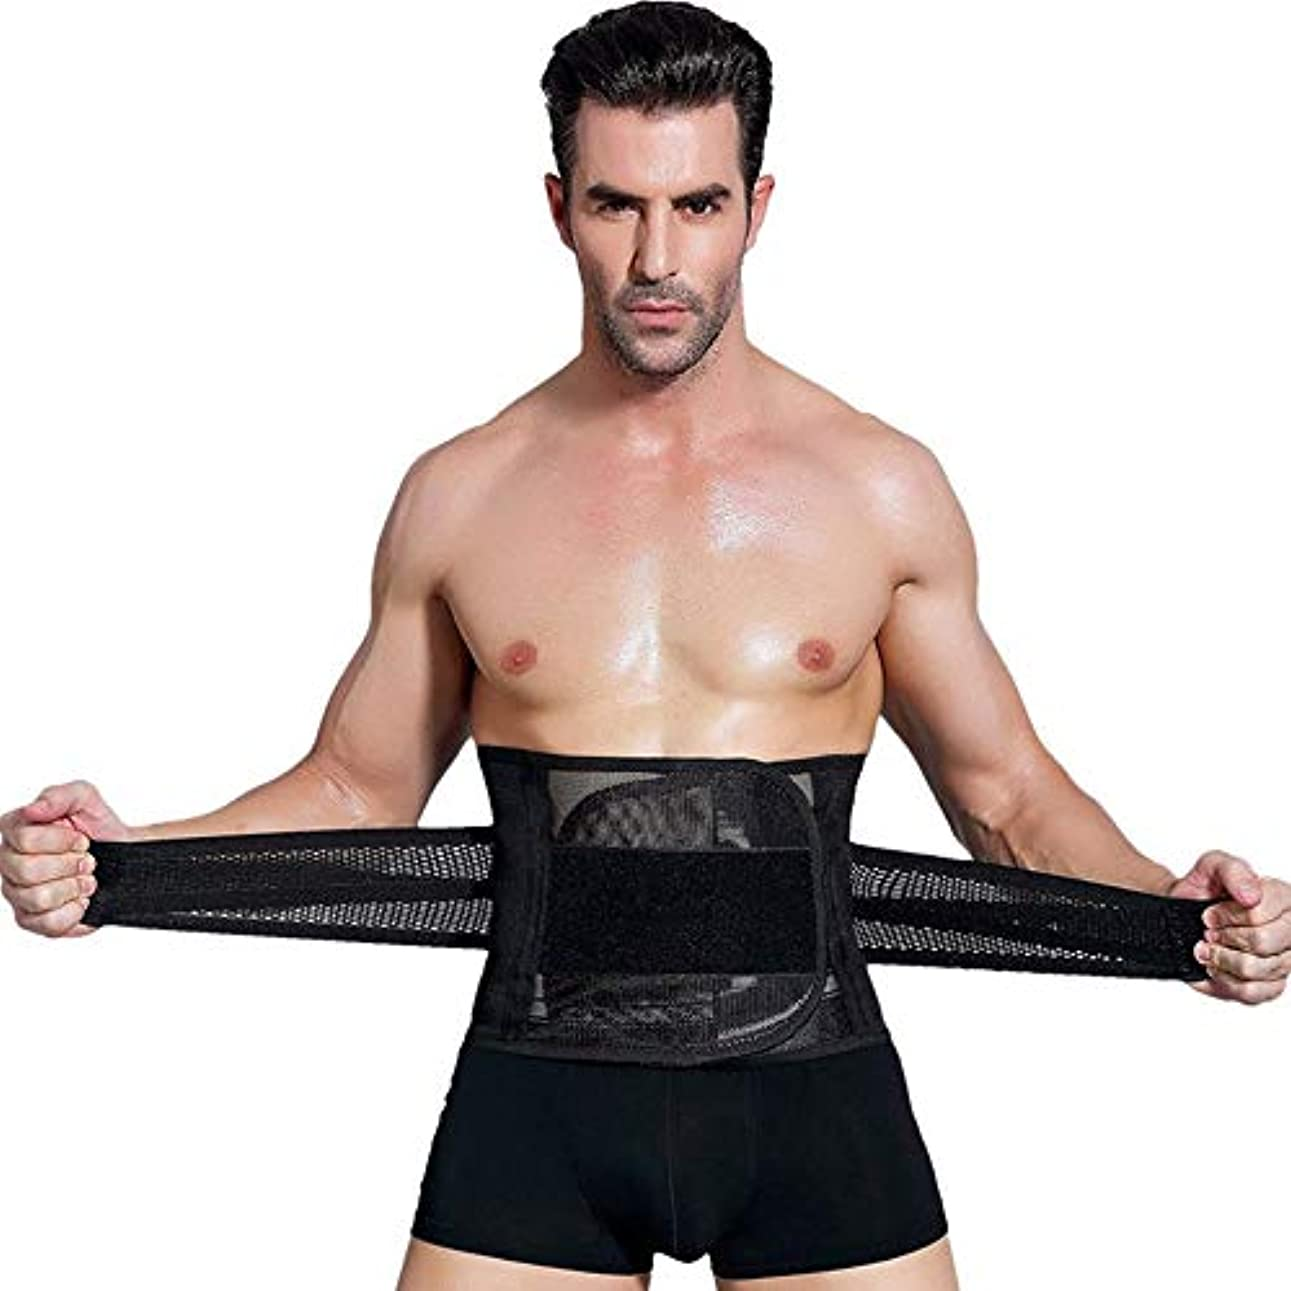 悪性のパイロットエスカレート男性ボディシェイパーコルセット腹部おなかコントロールウエストトレーナーニッパー脂肪燃焼ガードル痩身腹ベルト用男性 - ブラックXXL